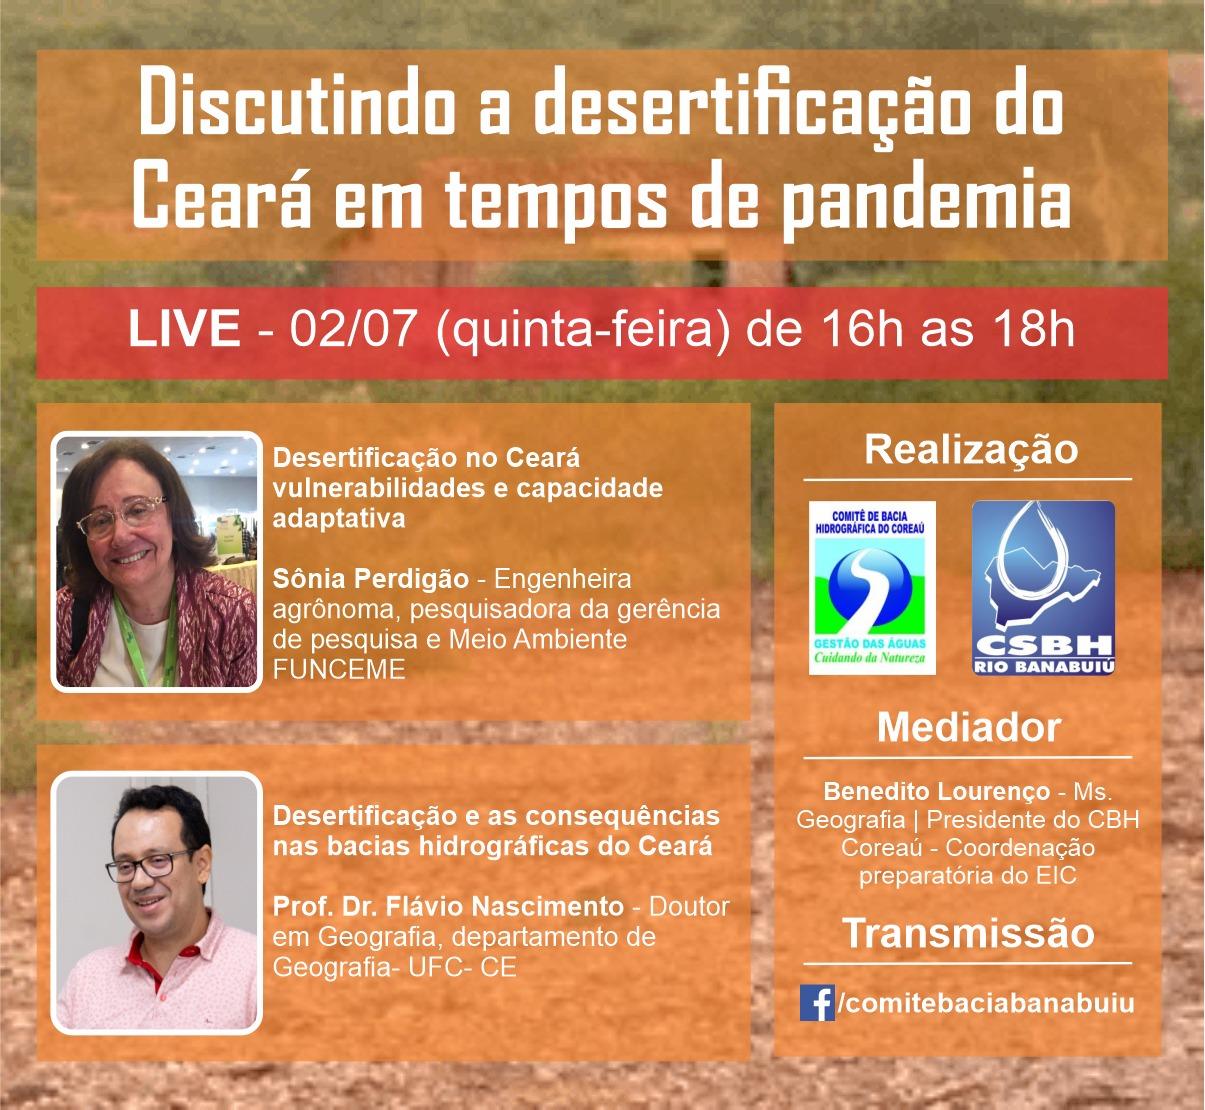 Ao Vivo: Desertificação no Ceará em tempos de pandemia é tema de debate virtual